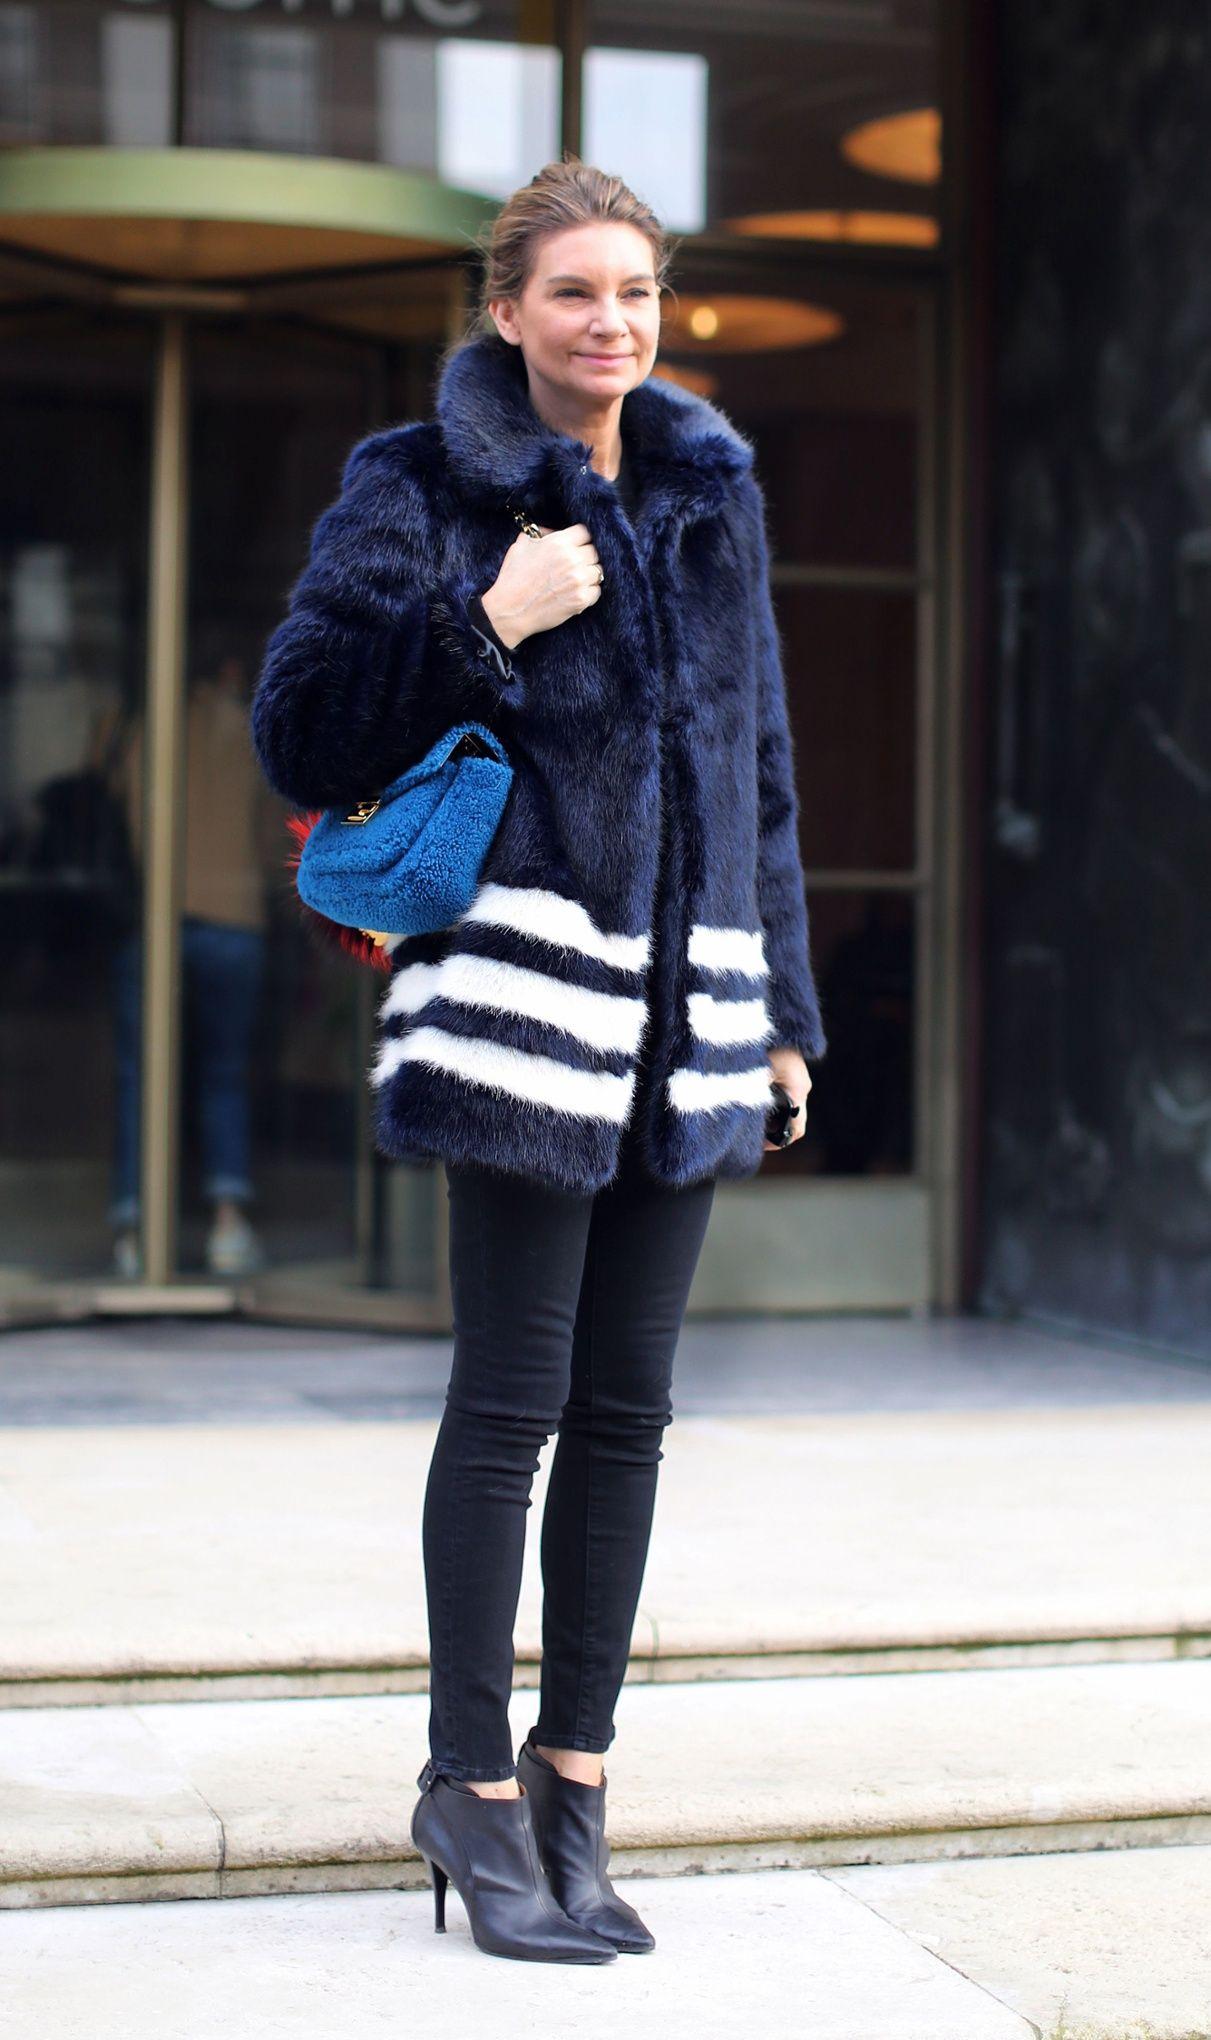 Samieze - Wrap Coat   Moda, Tendencias de moda, Tendencias